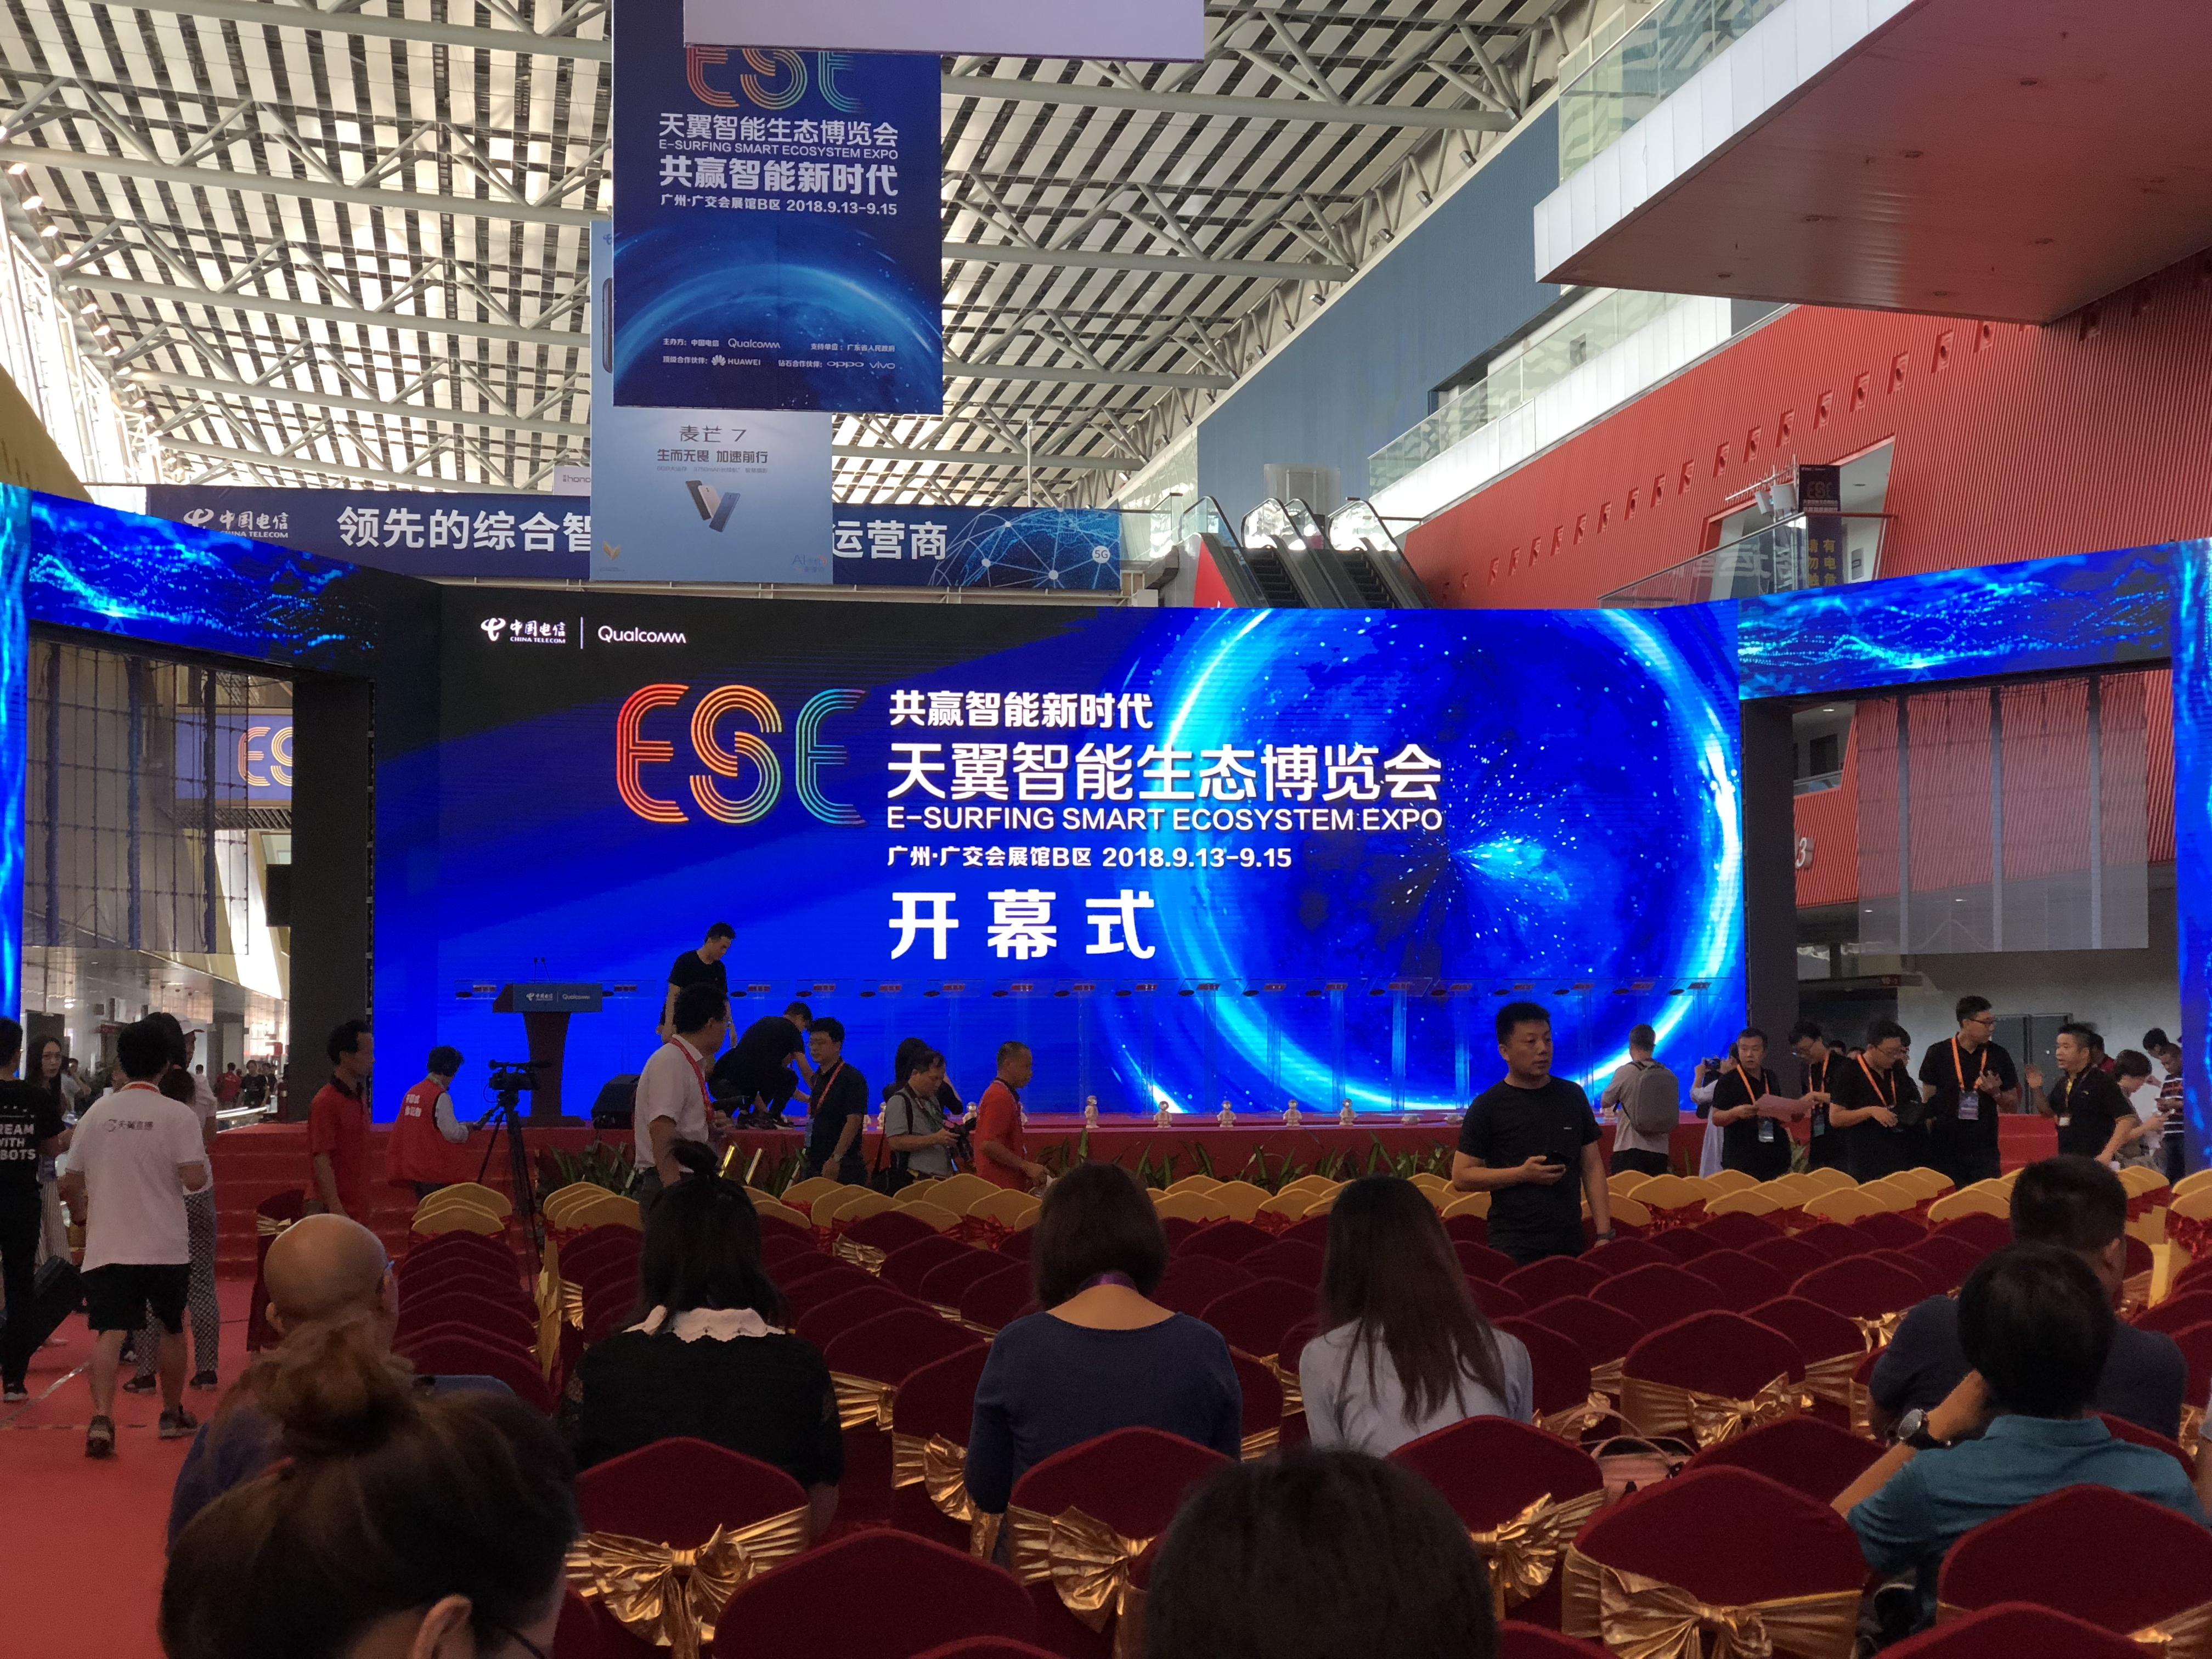 天翼智能生态博览会今日开幕 智能终端签约量超过1亿部